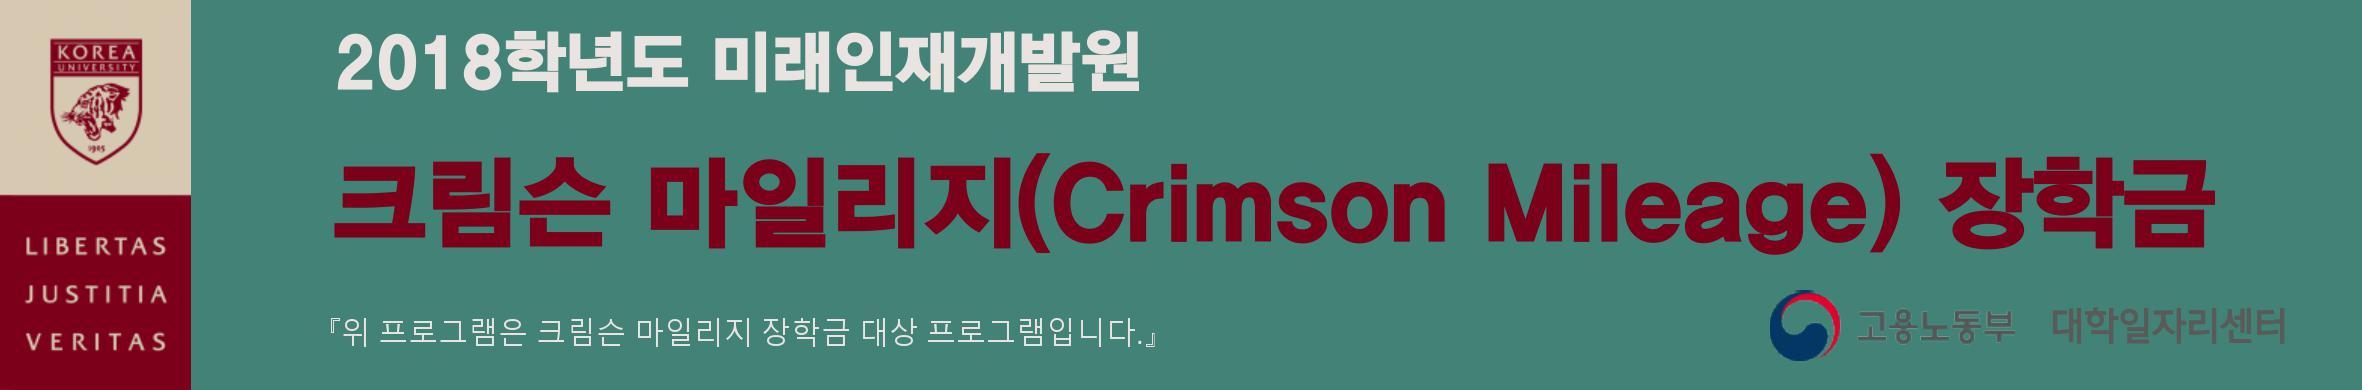 크림슨마일리지 장학금 홍보.jpg